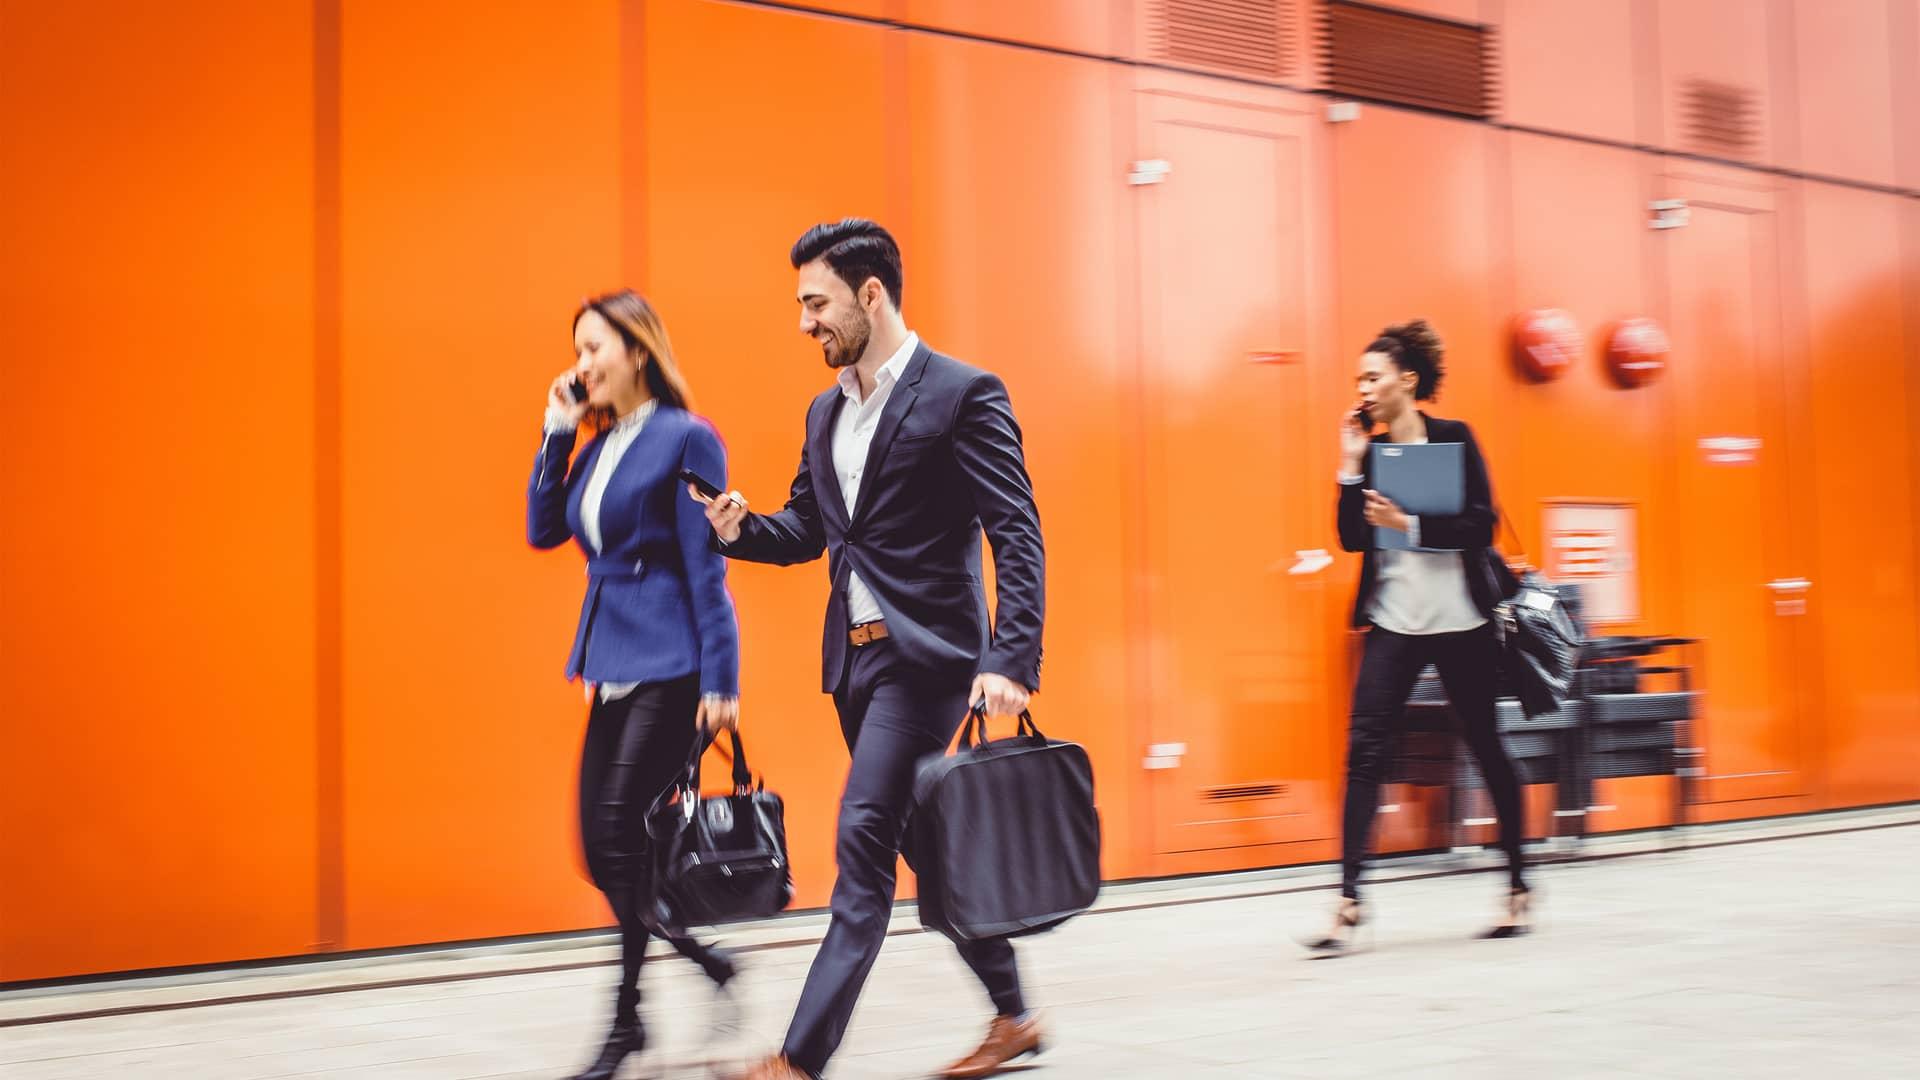 Trabajadores de empresas usando smartphones representan euskaltel empresas